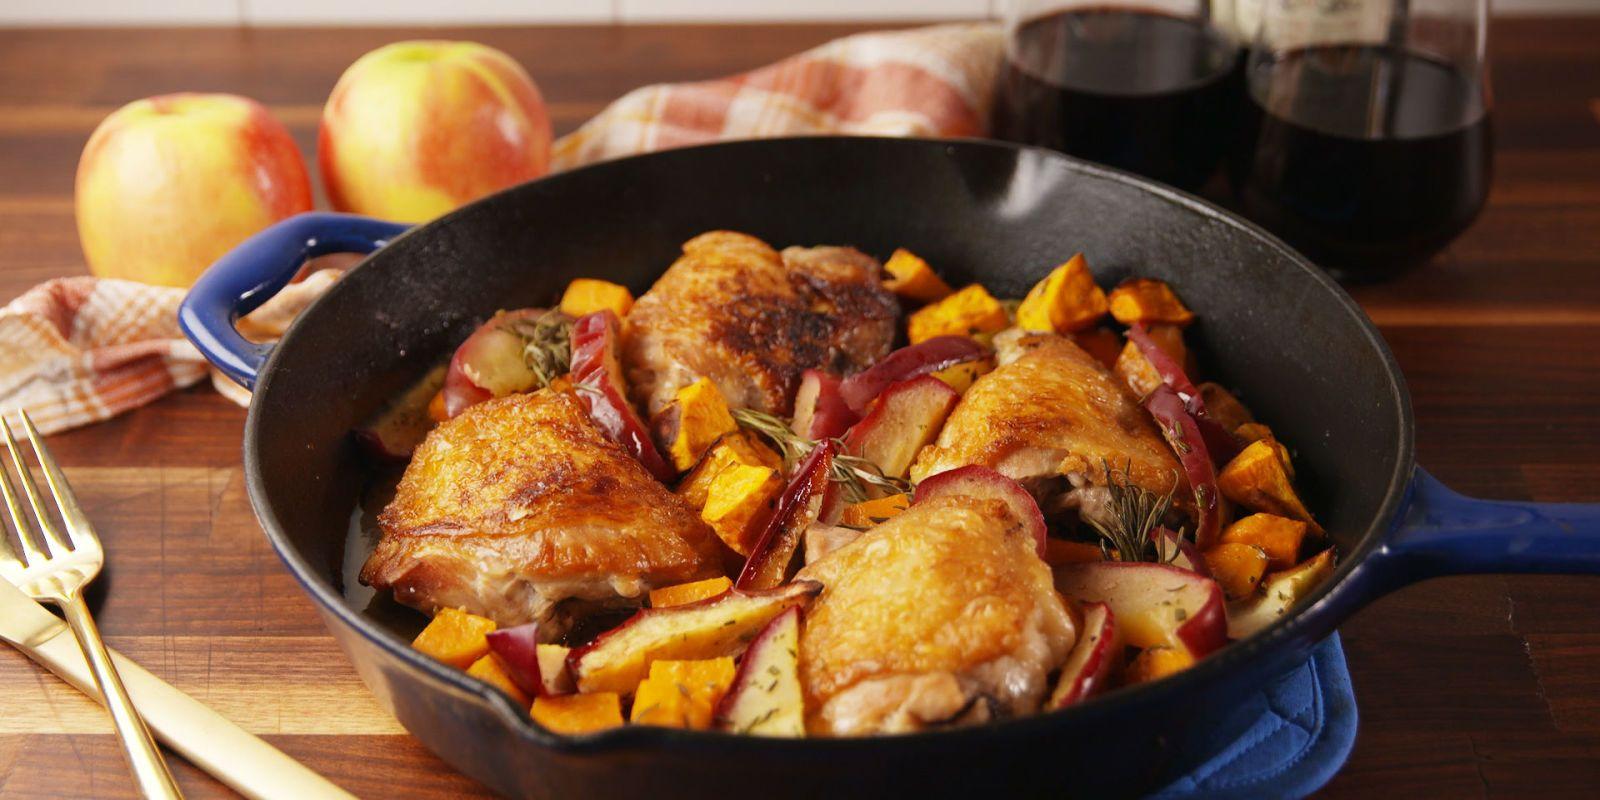 30+ Healthy Fall Recipes - Healthiest Autumn Meals —Delish.com